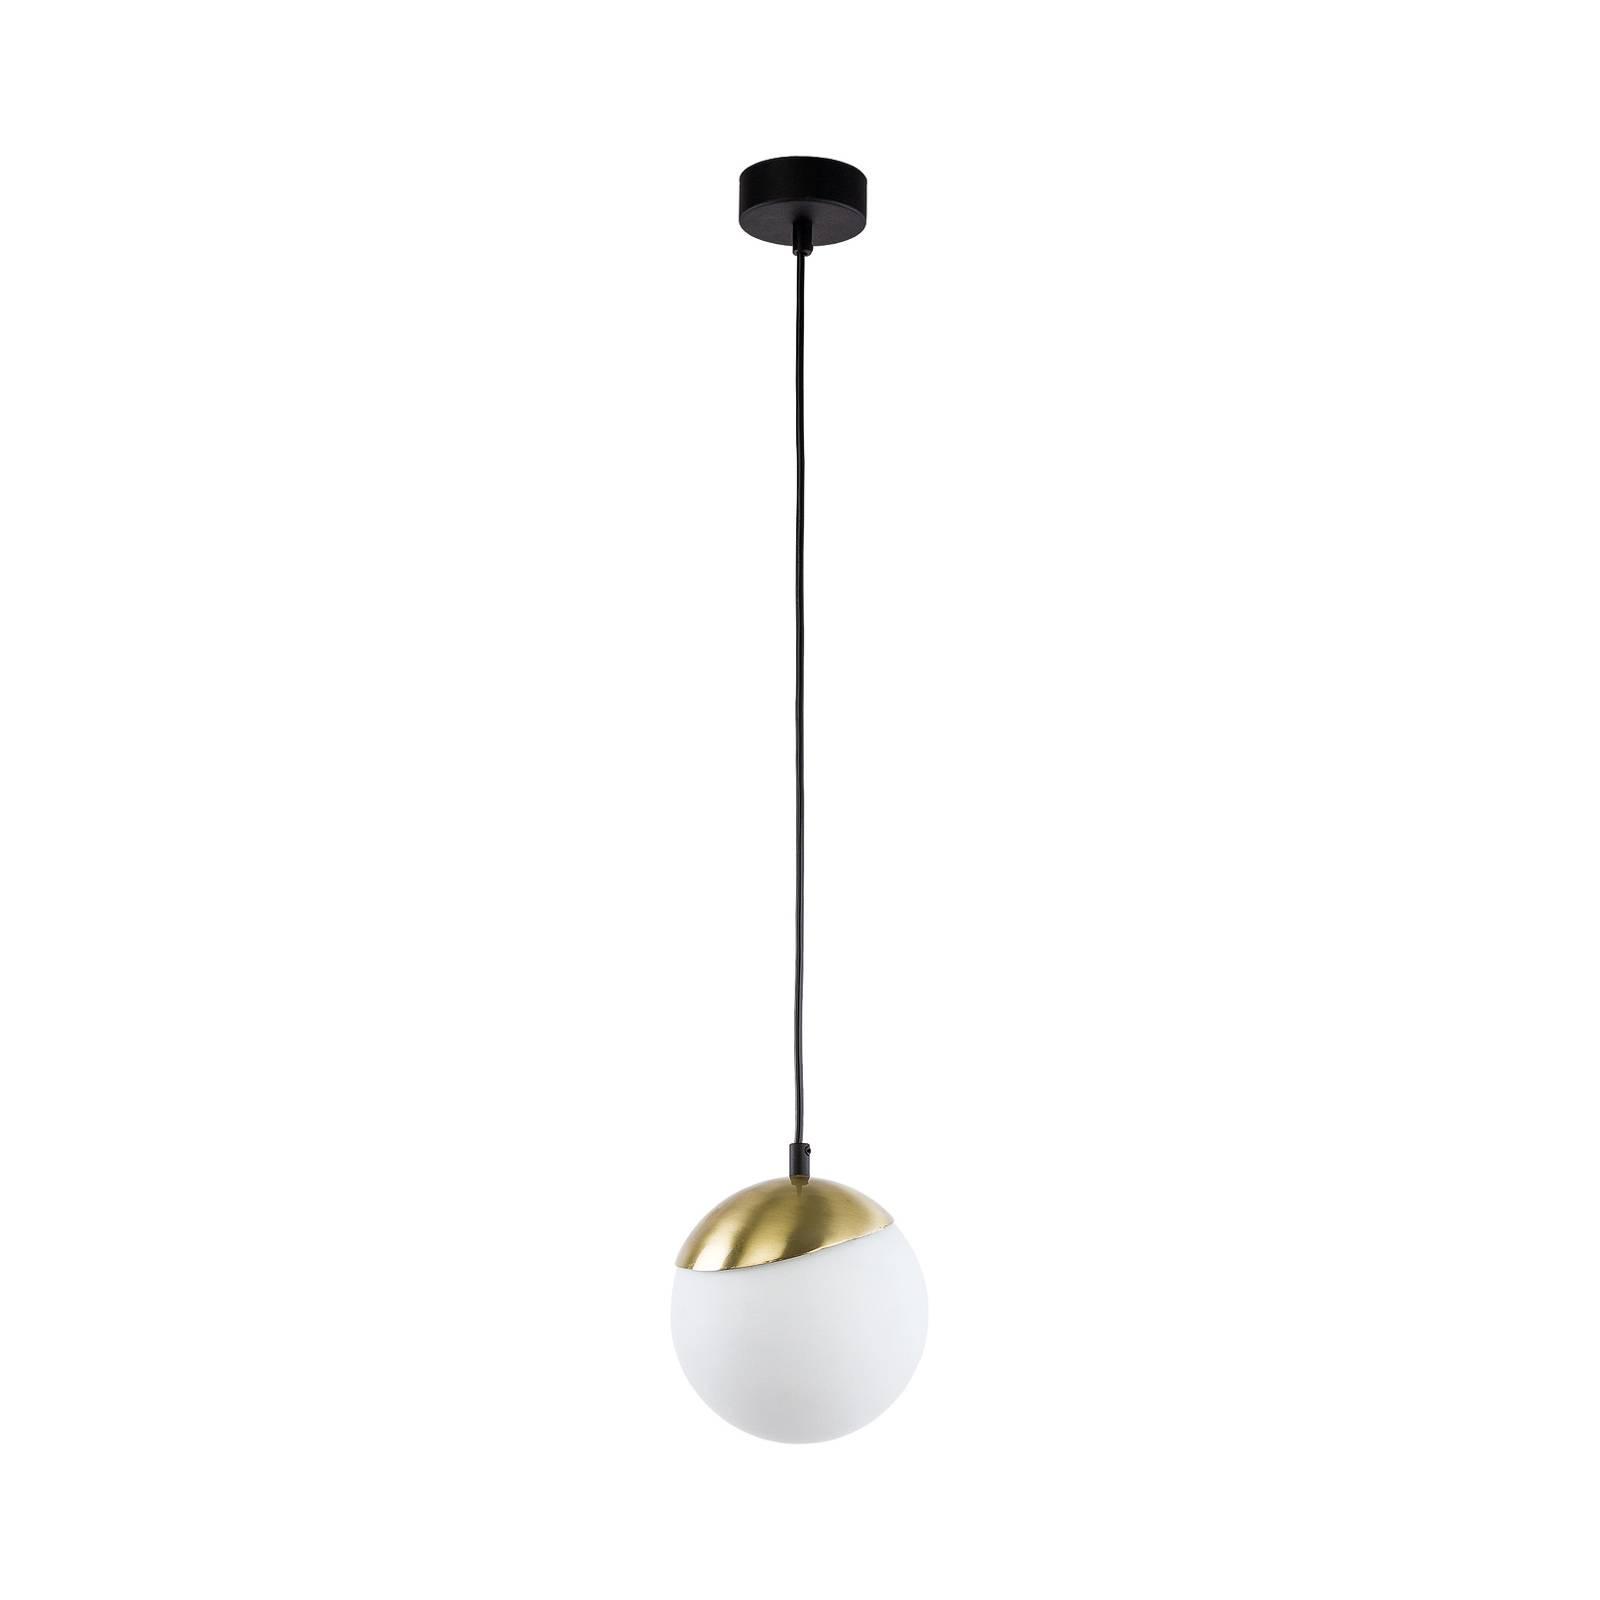 Riippuvalo Torbole, opaali/messinki, 1-lamppuinen